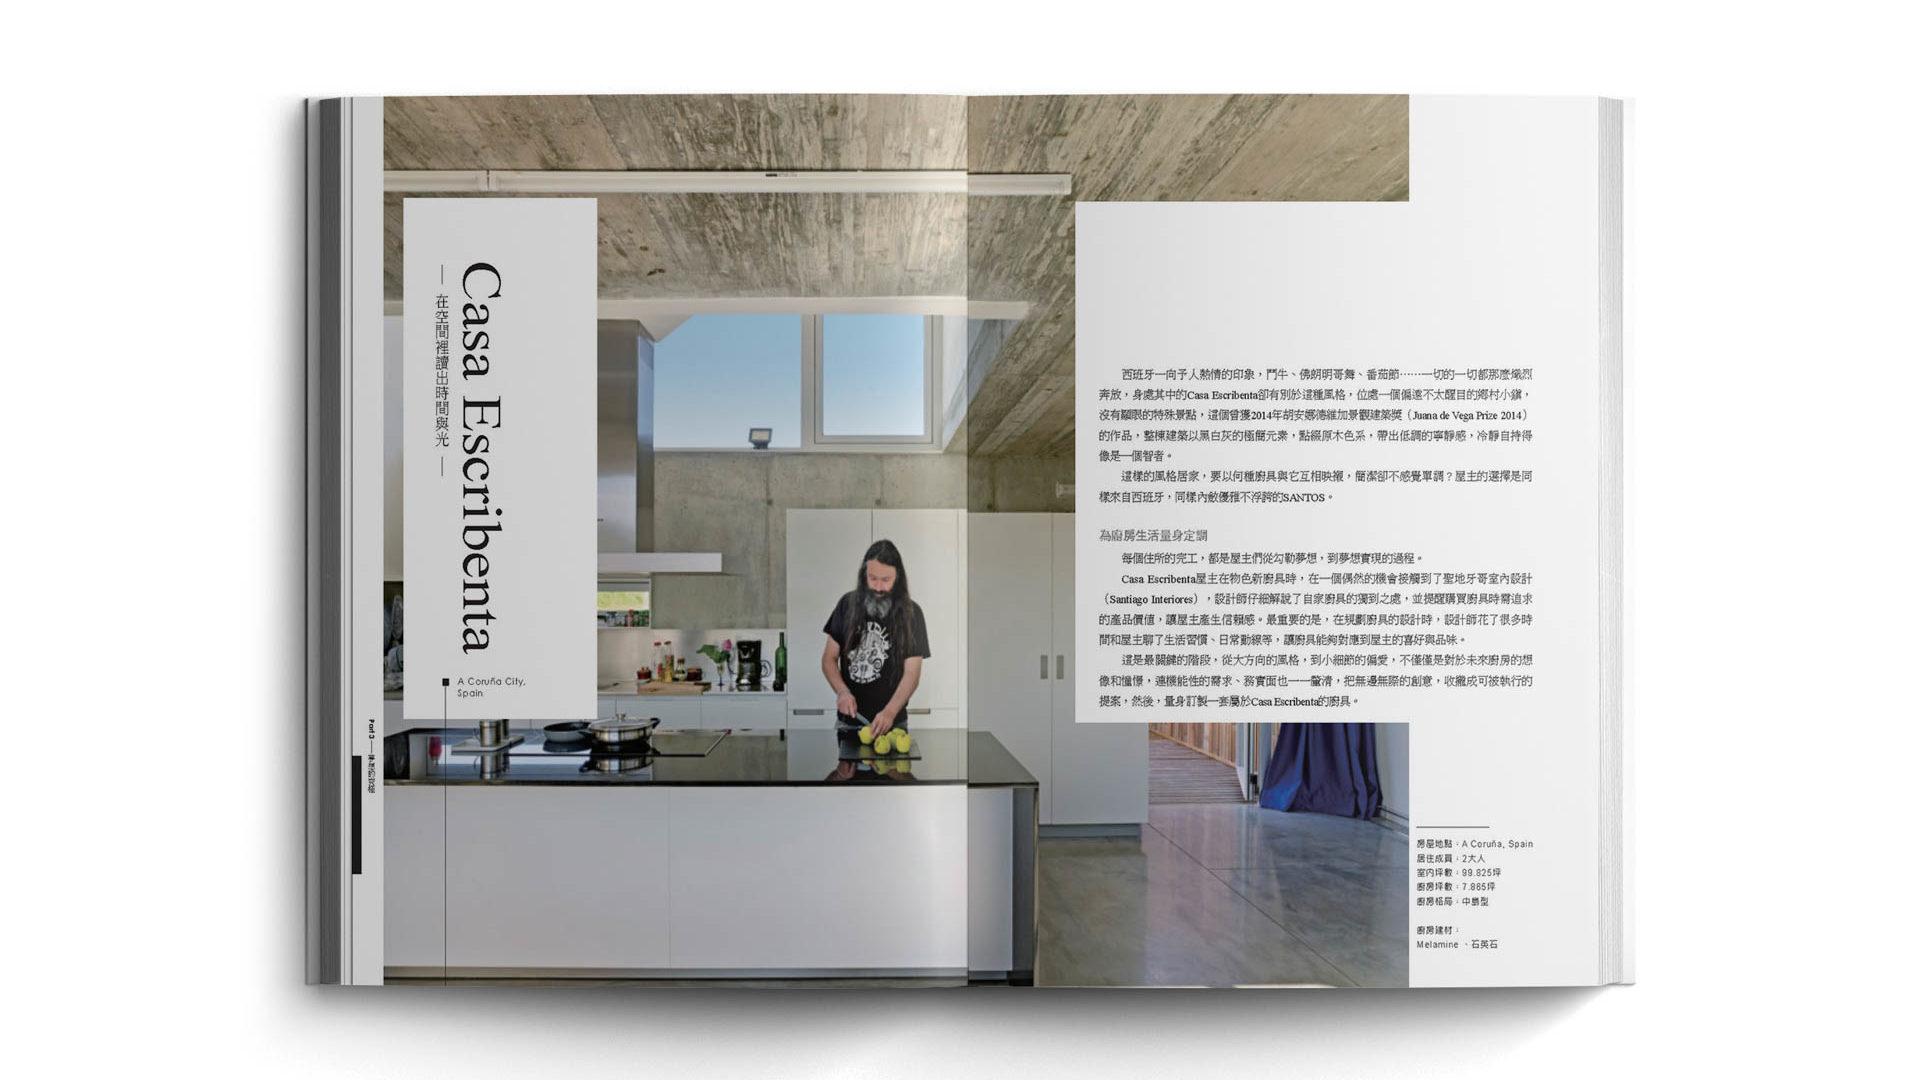 Un proyecto de Santiago Interiores, destacado en un libro de diseño de cocinas de Taiwán | Cocinas Santos